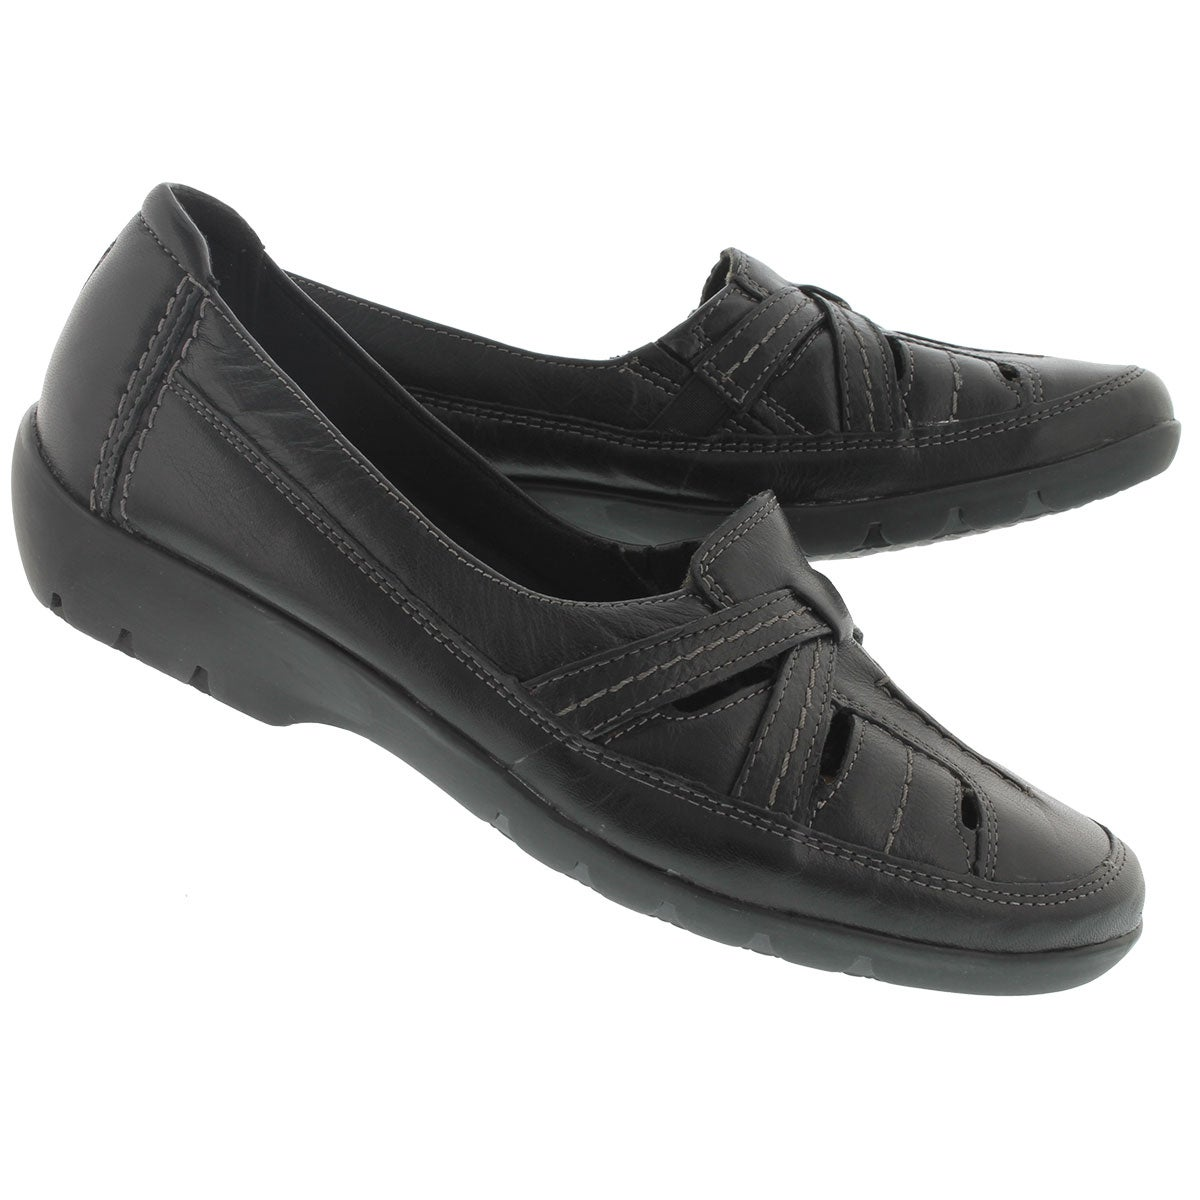 Lds Ordell Ava black slip on casual shoe